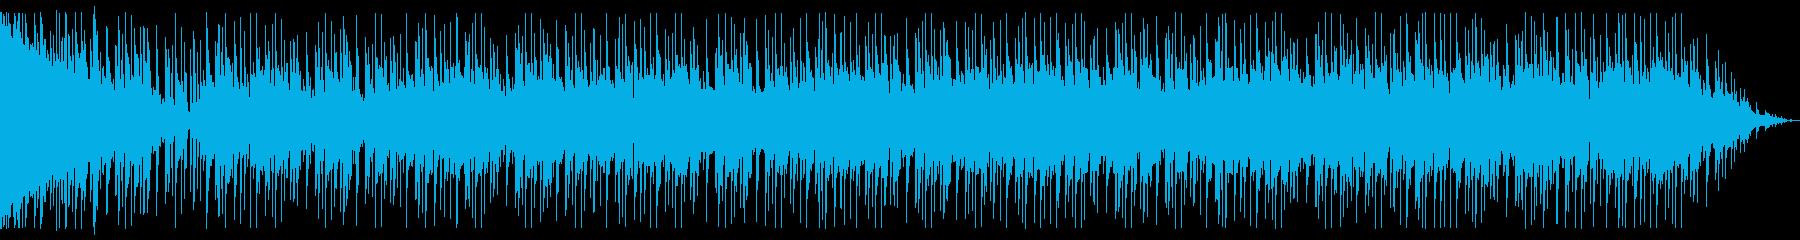 シリアスなニュース風のBGMの再生済みの波形